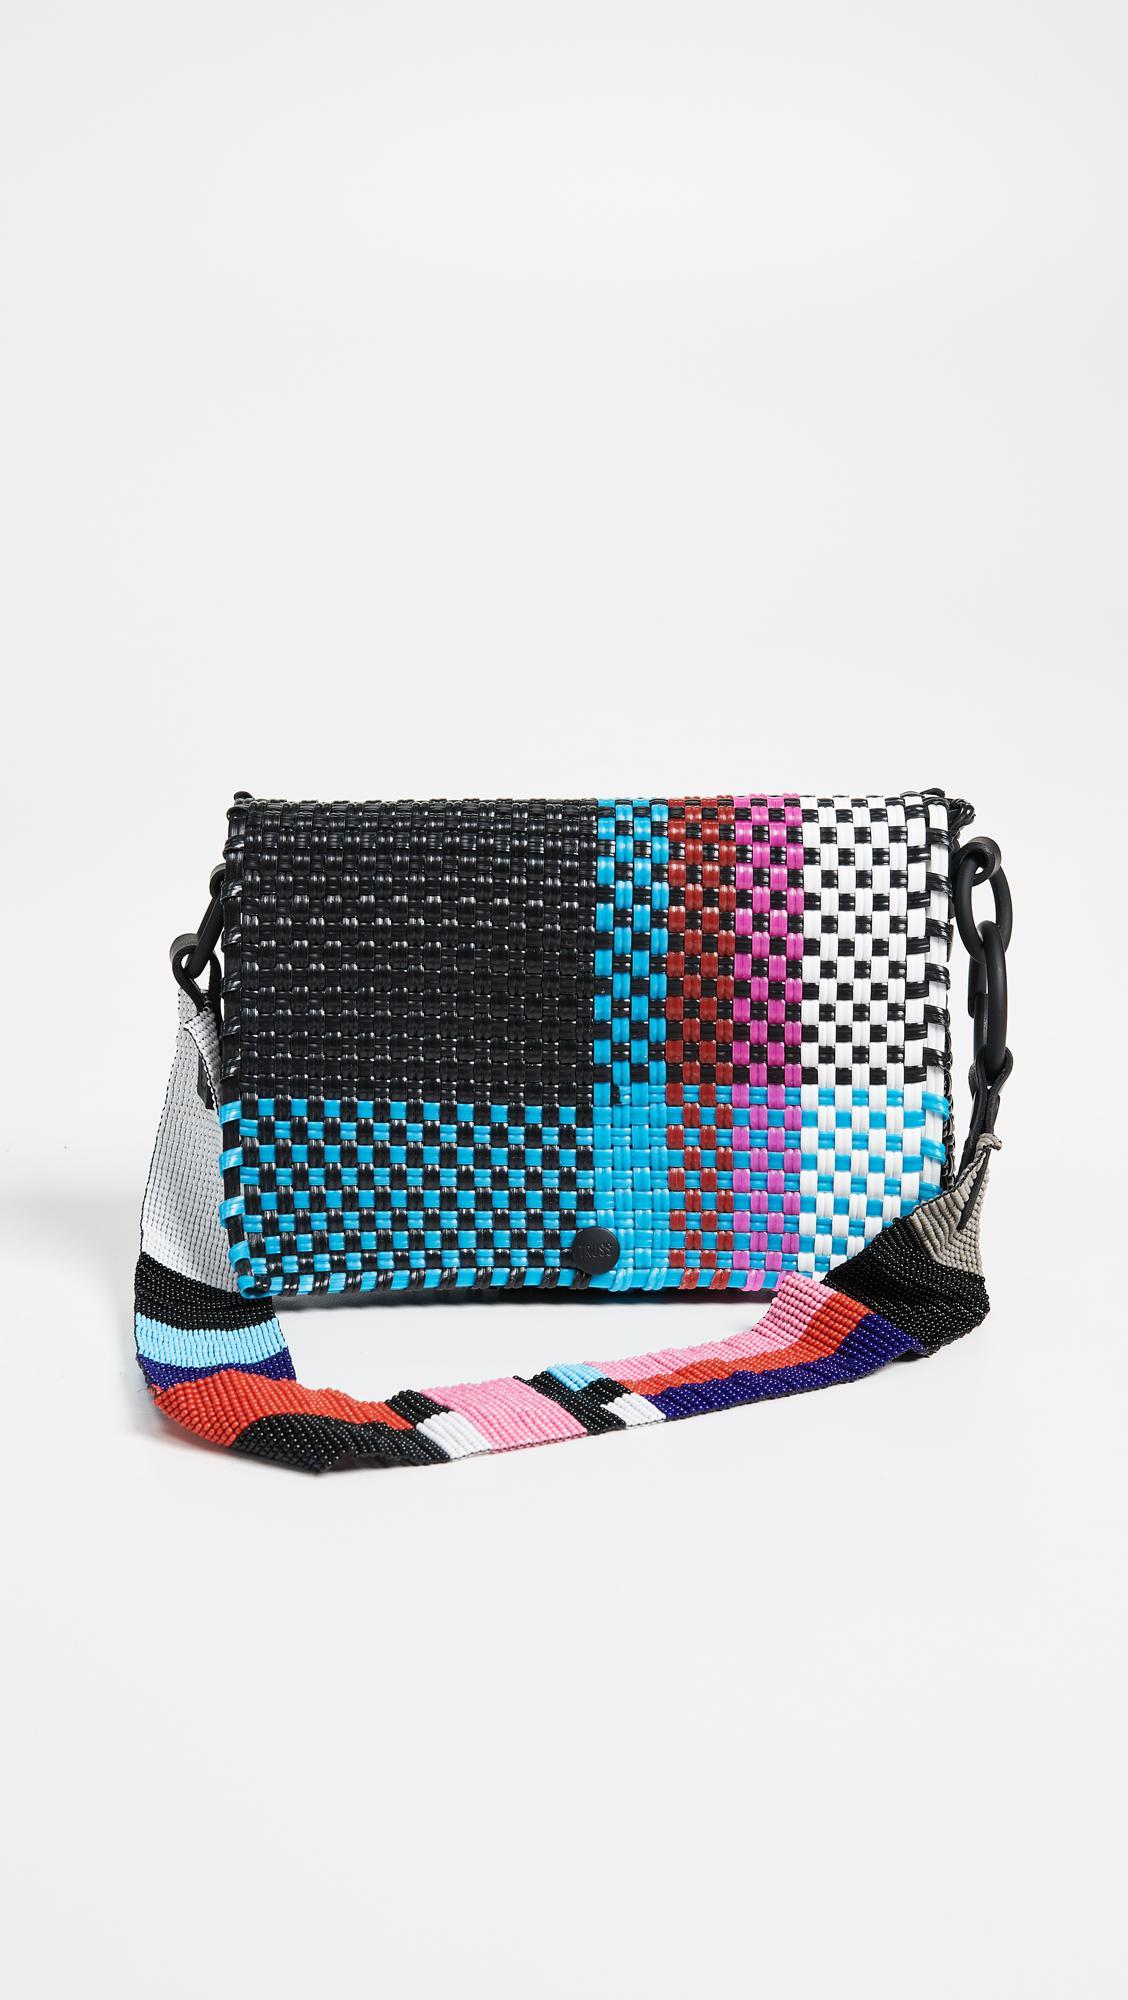 Womens Small Baguette Bag Truss 5C8ml